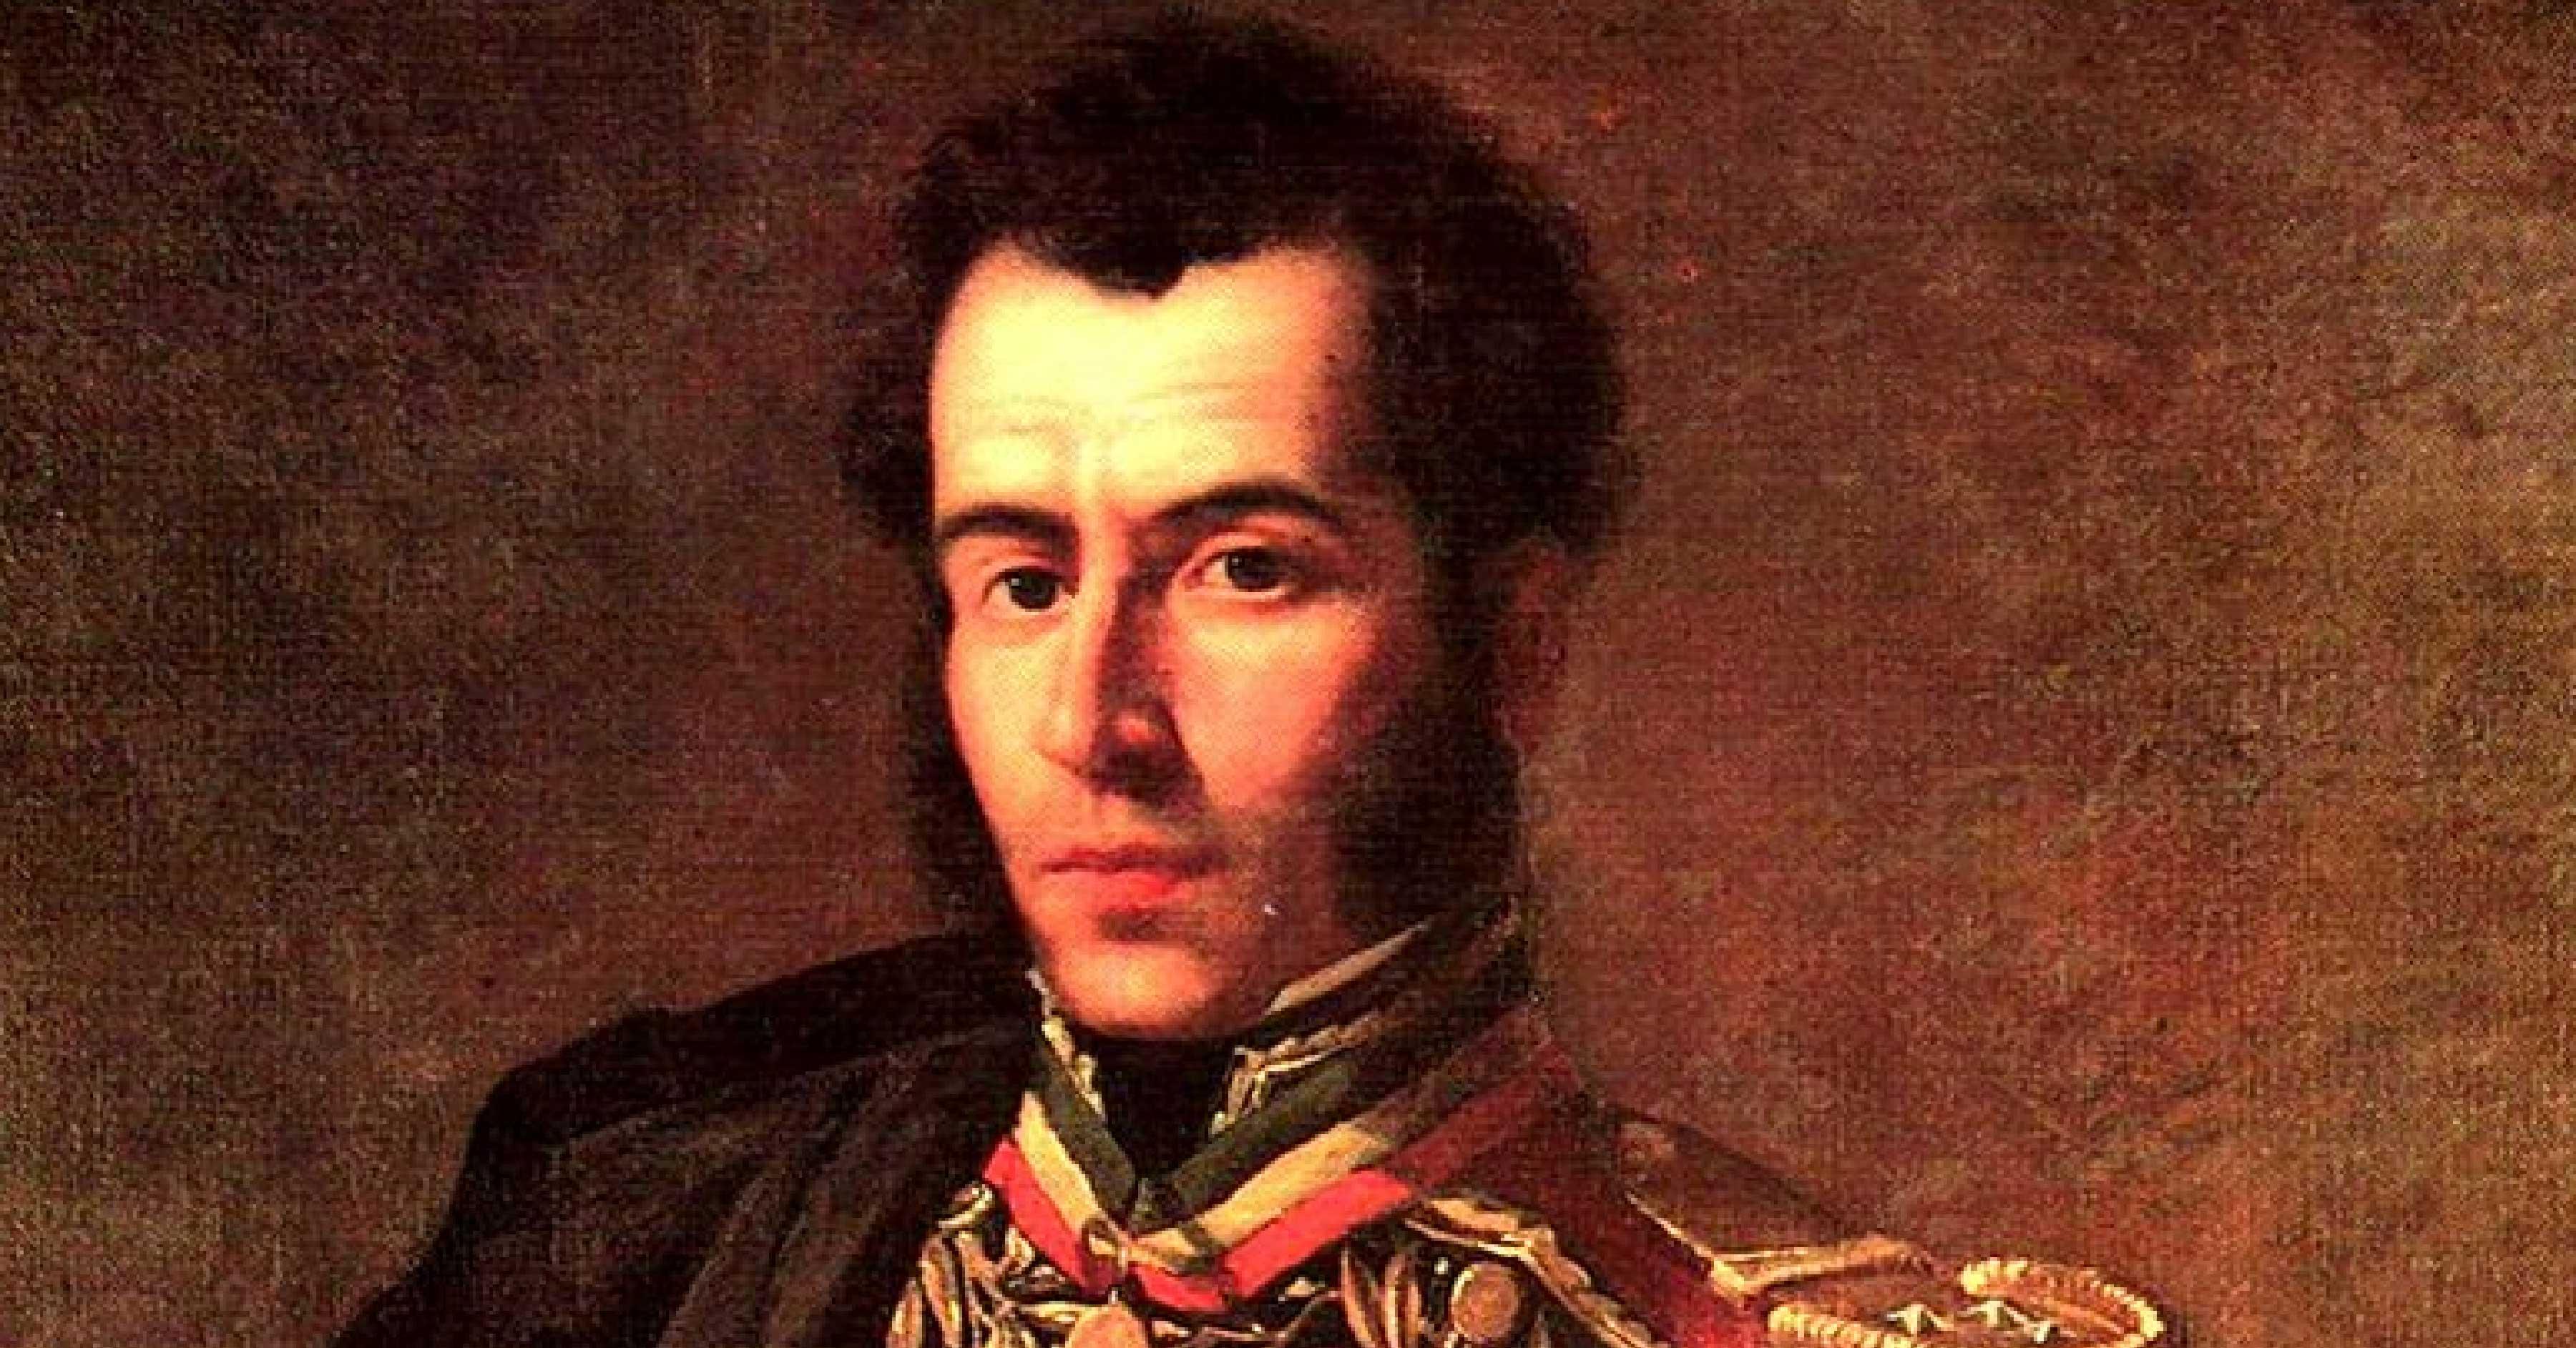 Antonio José de Sucre: El Gran Mariscal de Ayacucho cumple años -  Bicentenario del Perú